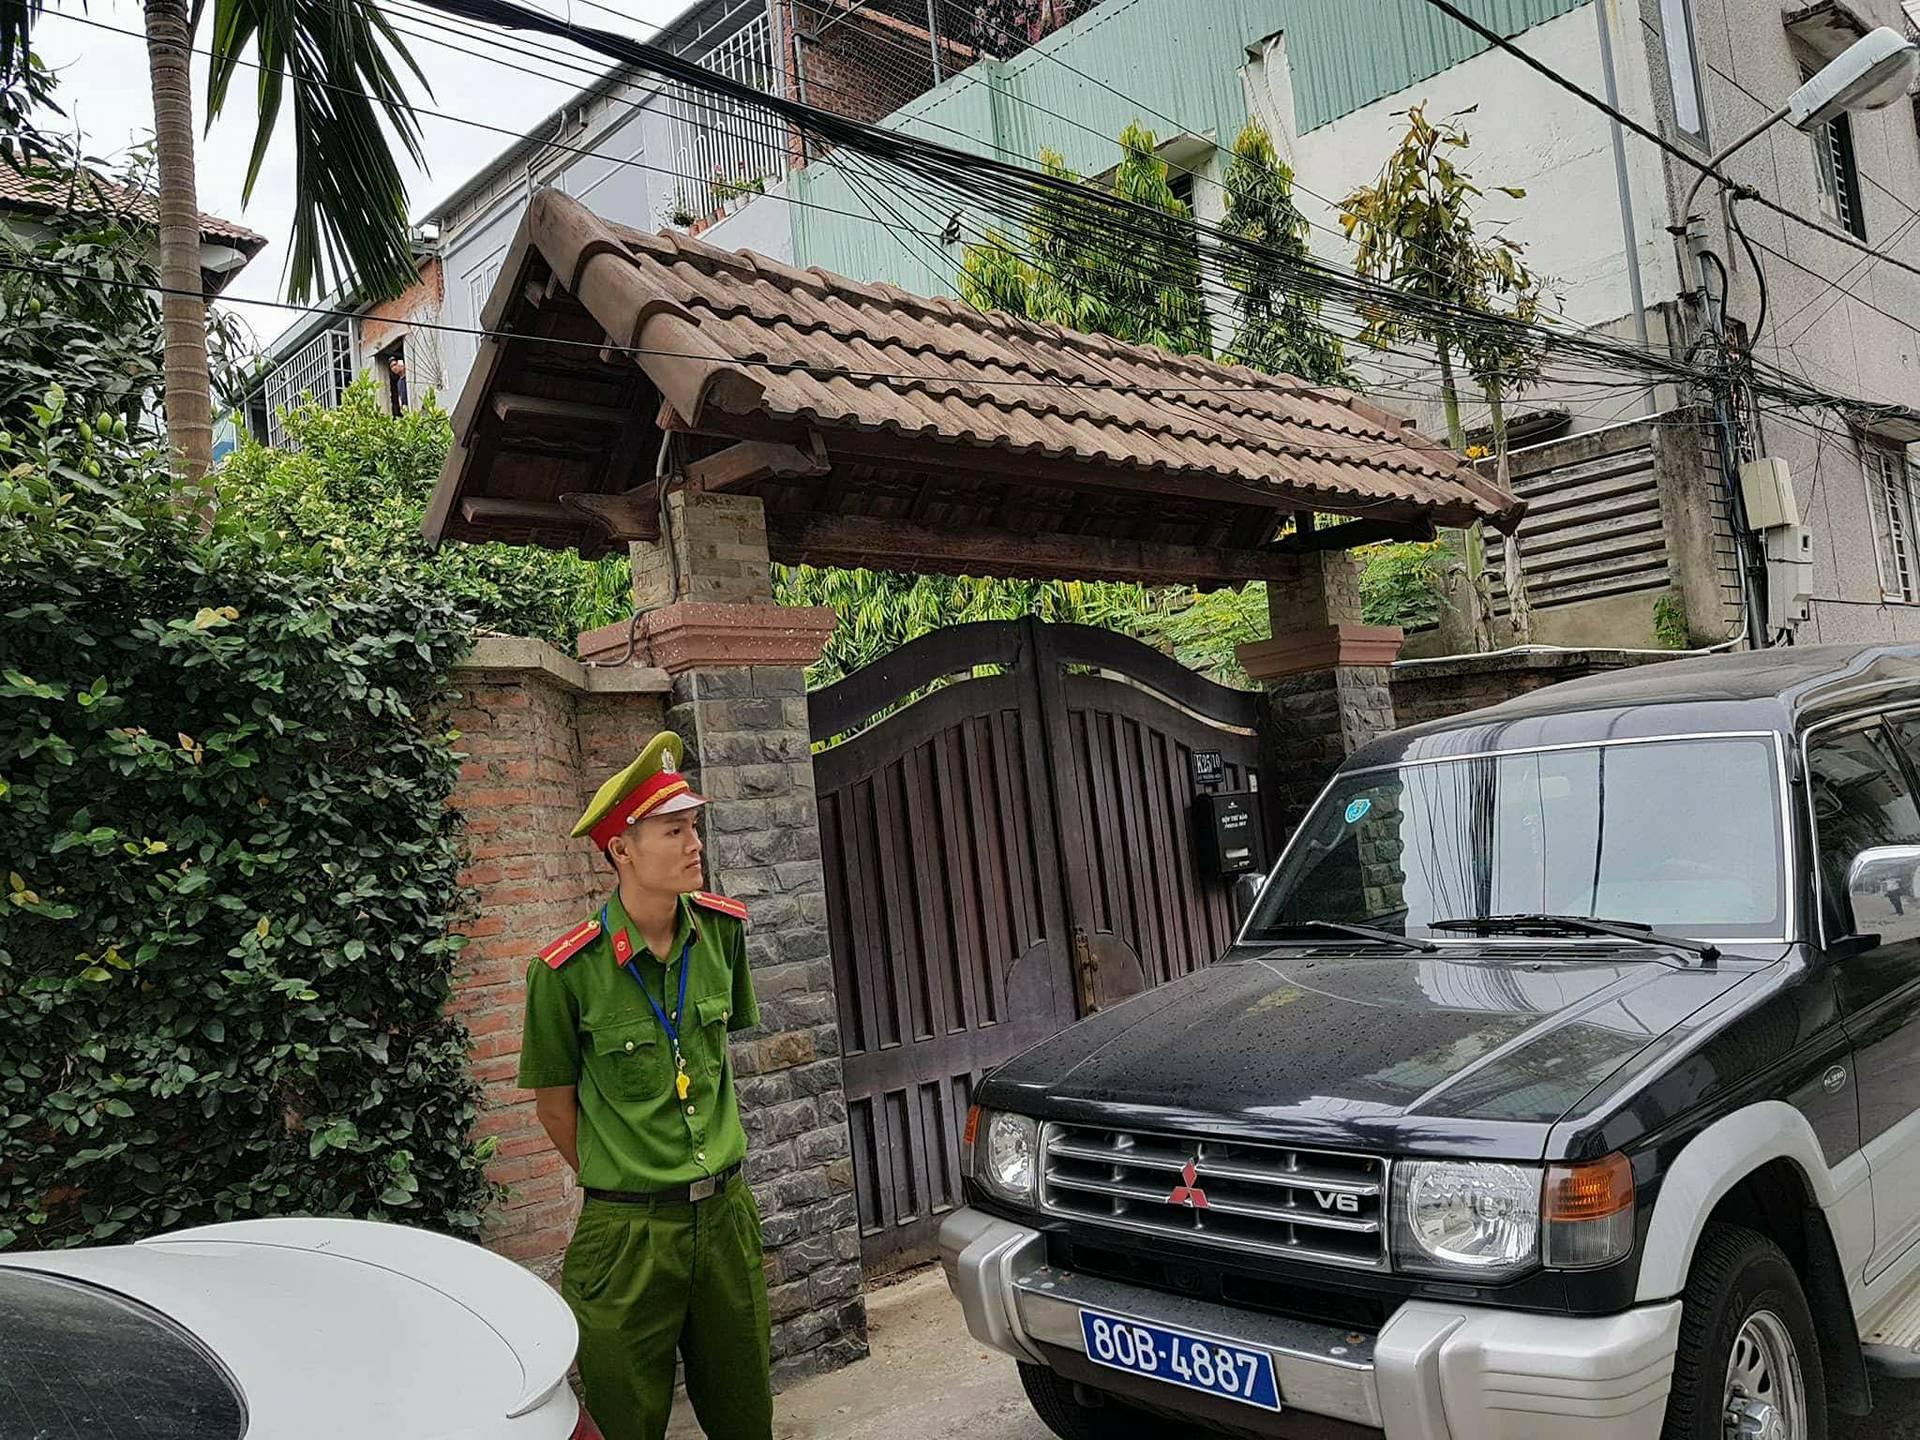 An ninh - Hình sự - Người trong cuộc hé lộ buổi khám nhà nguyên Chủ tịch Đà Nẵng Văn Hữu Chiến (Hình 2).